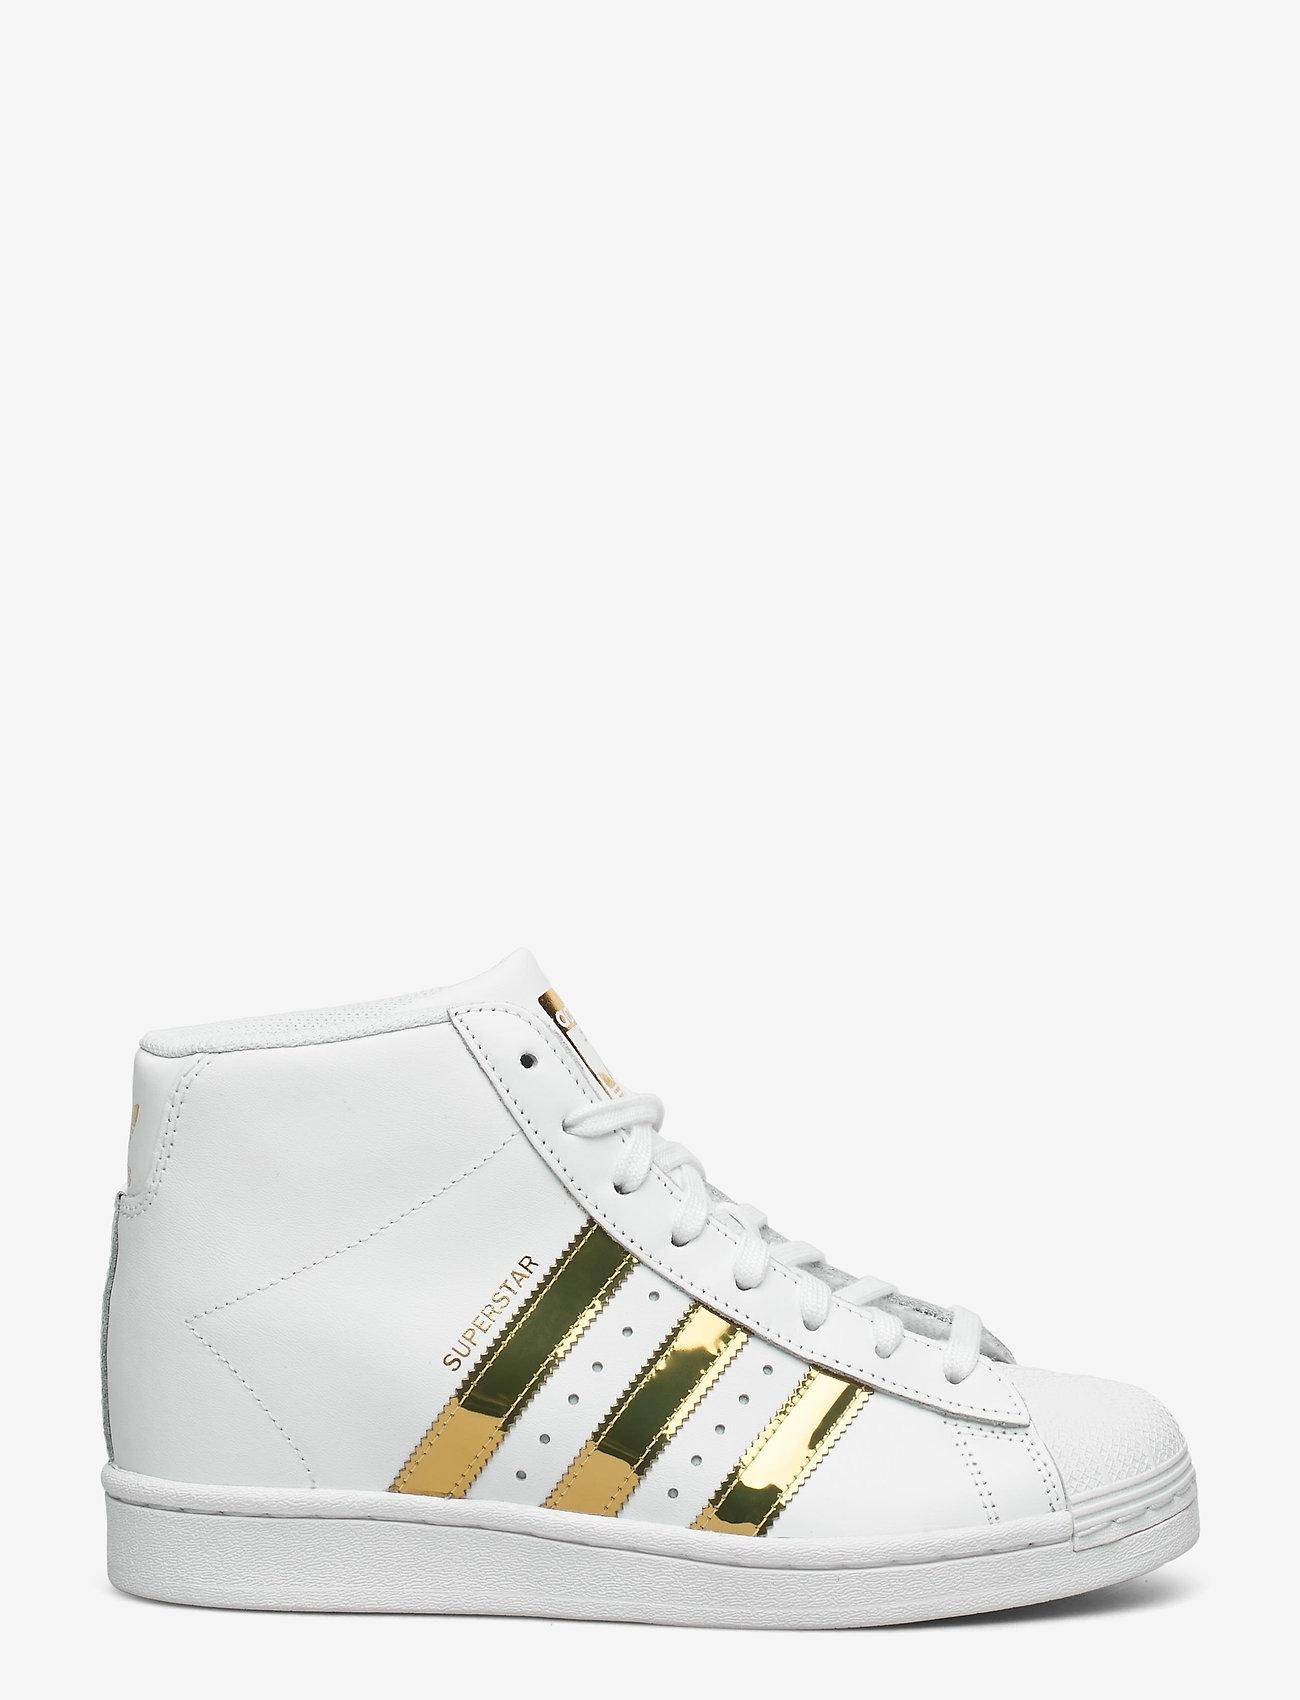 adidas Originals - SUPERSTAR UP W - hoge sneakers - ftwwht/goldmt/cblack - 1